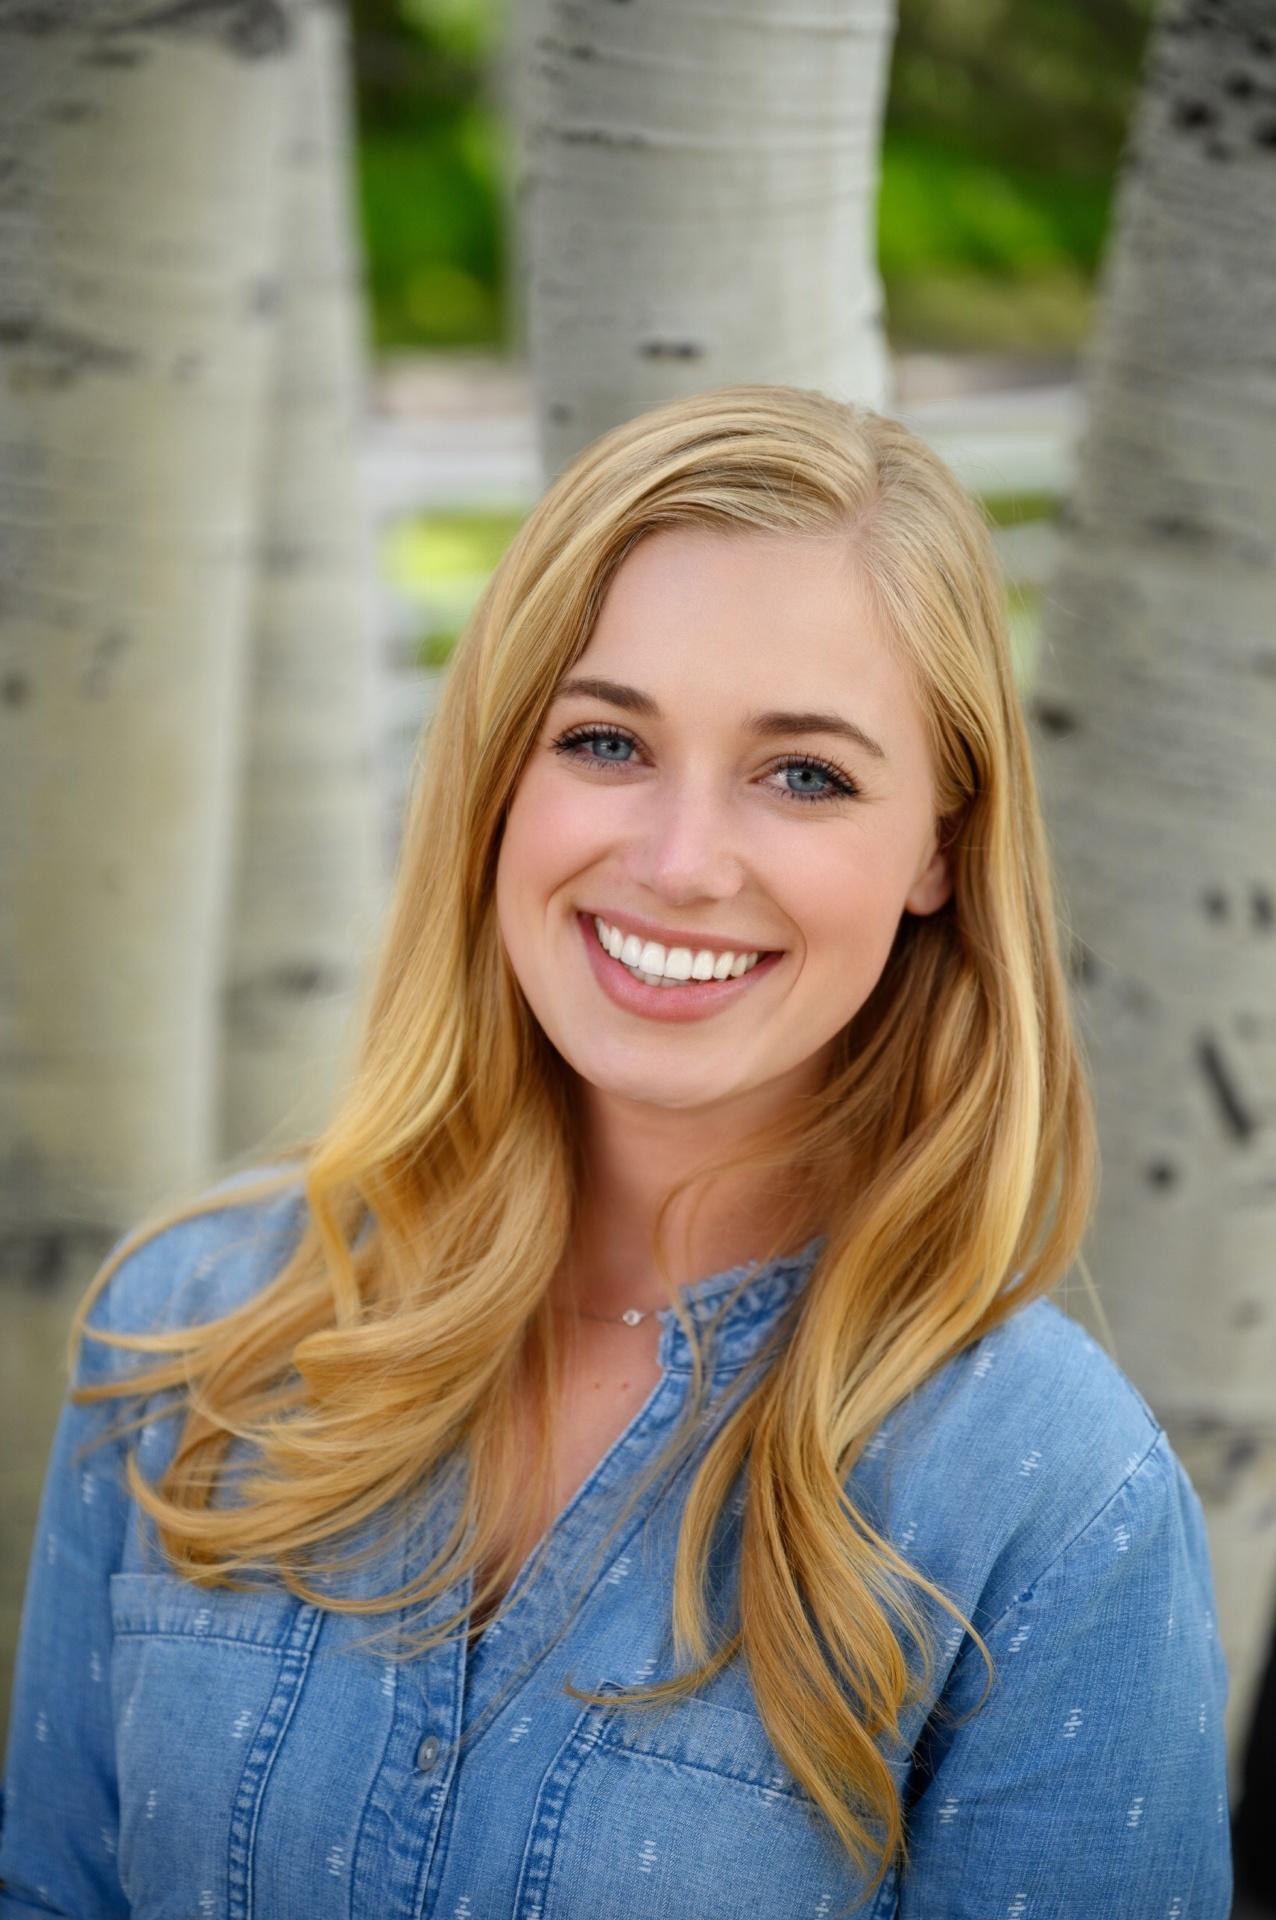 Brianna Curran